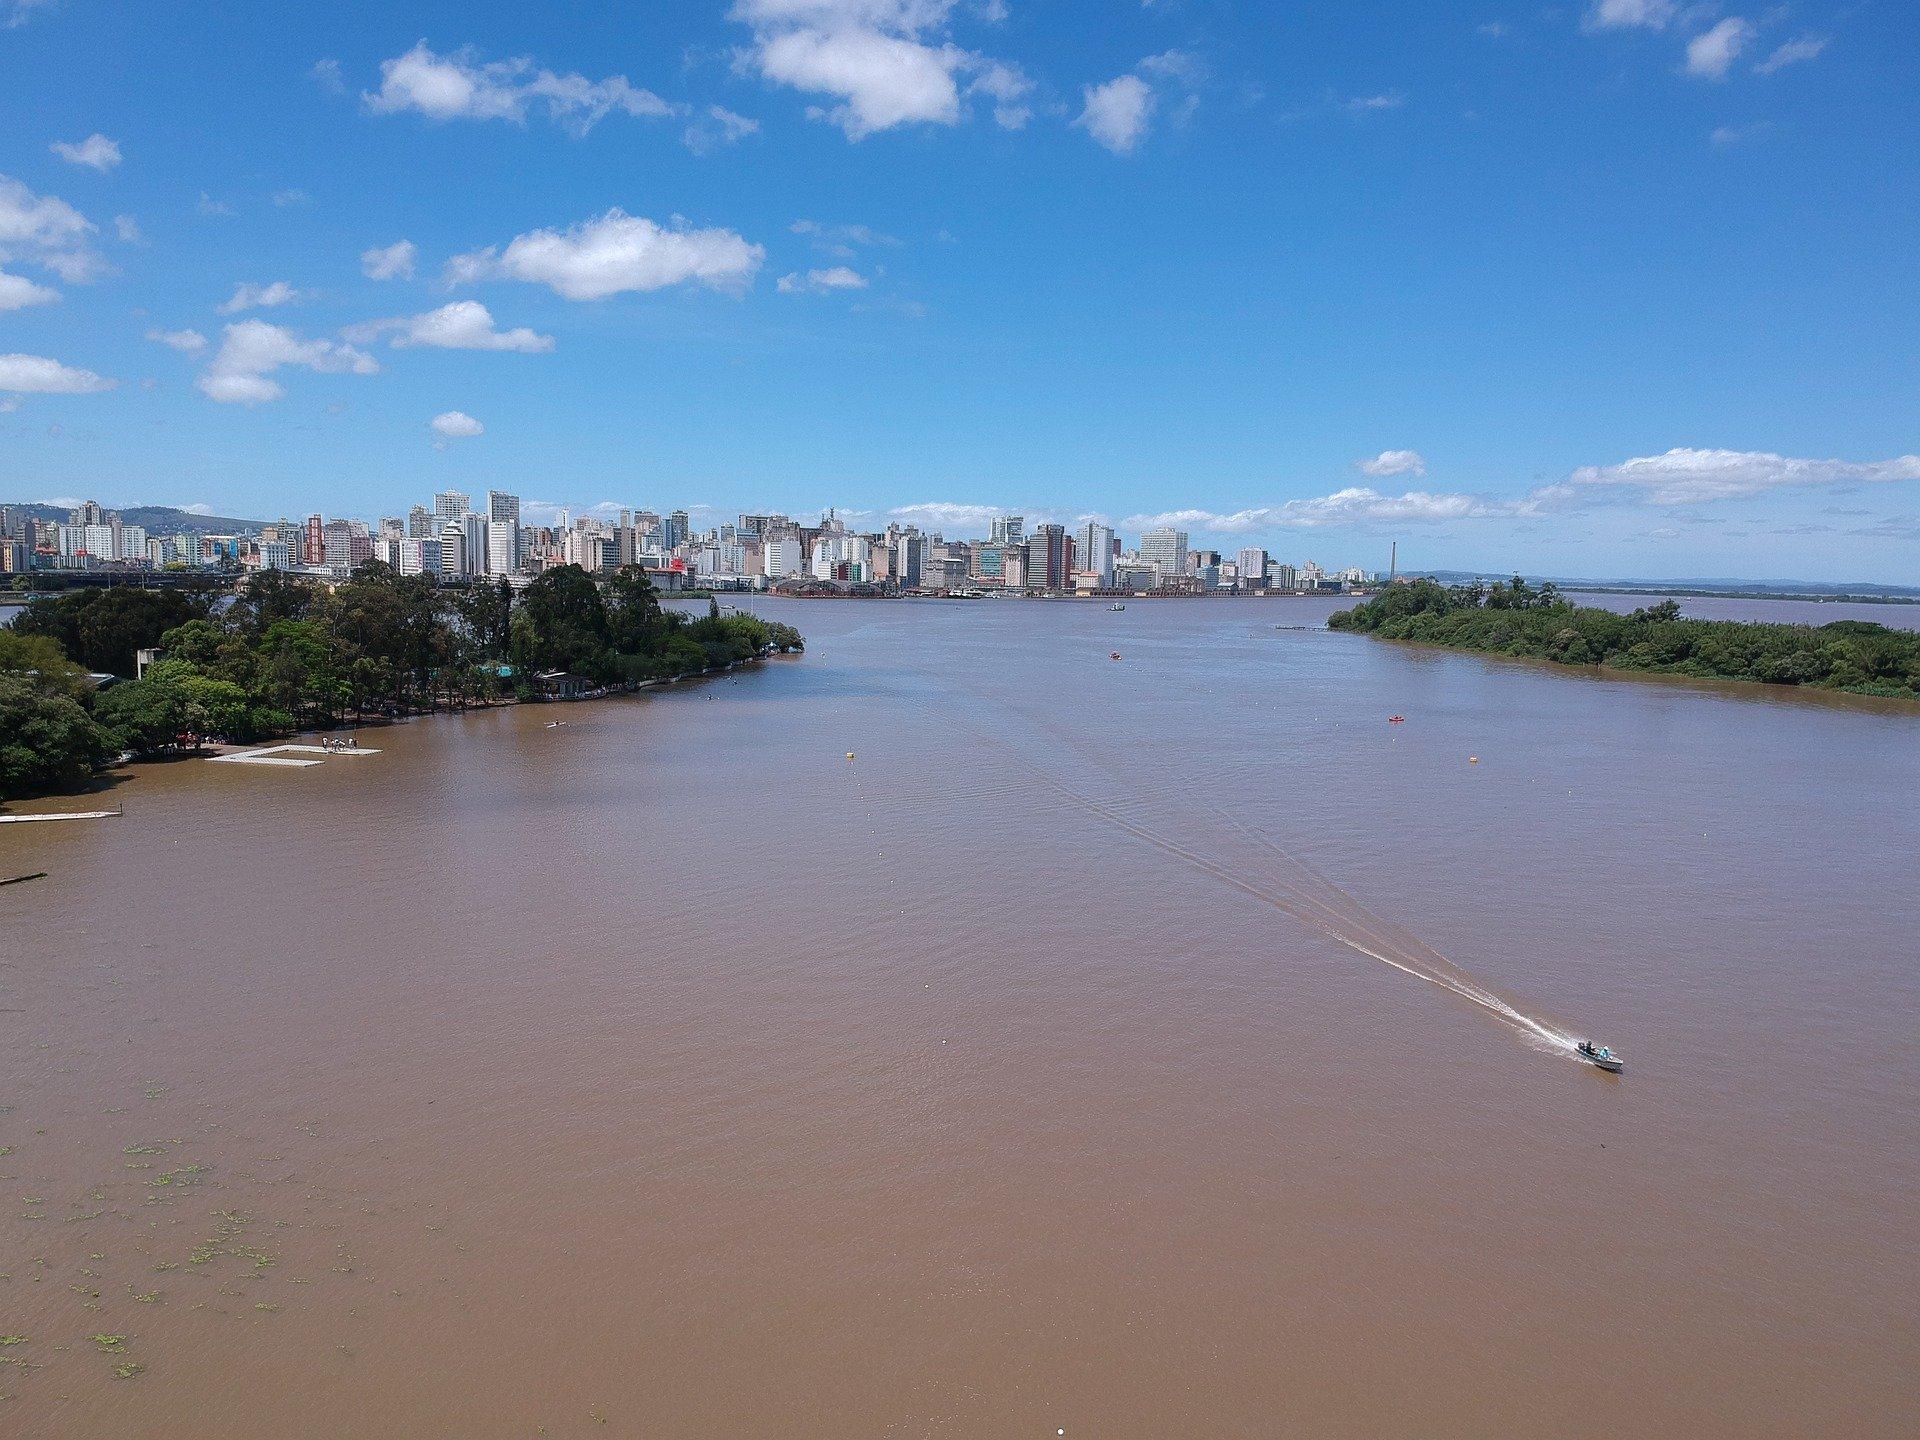 ¿Porto Alegre tiene playa?